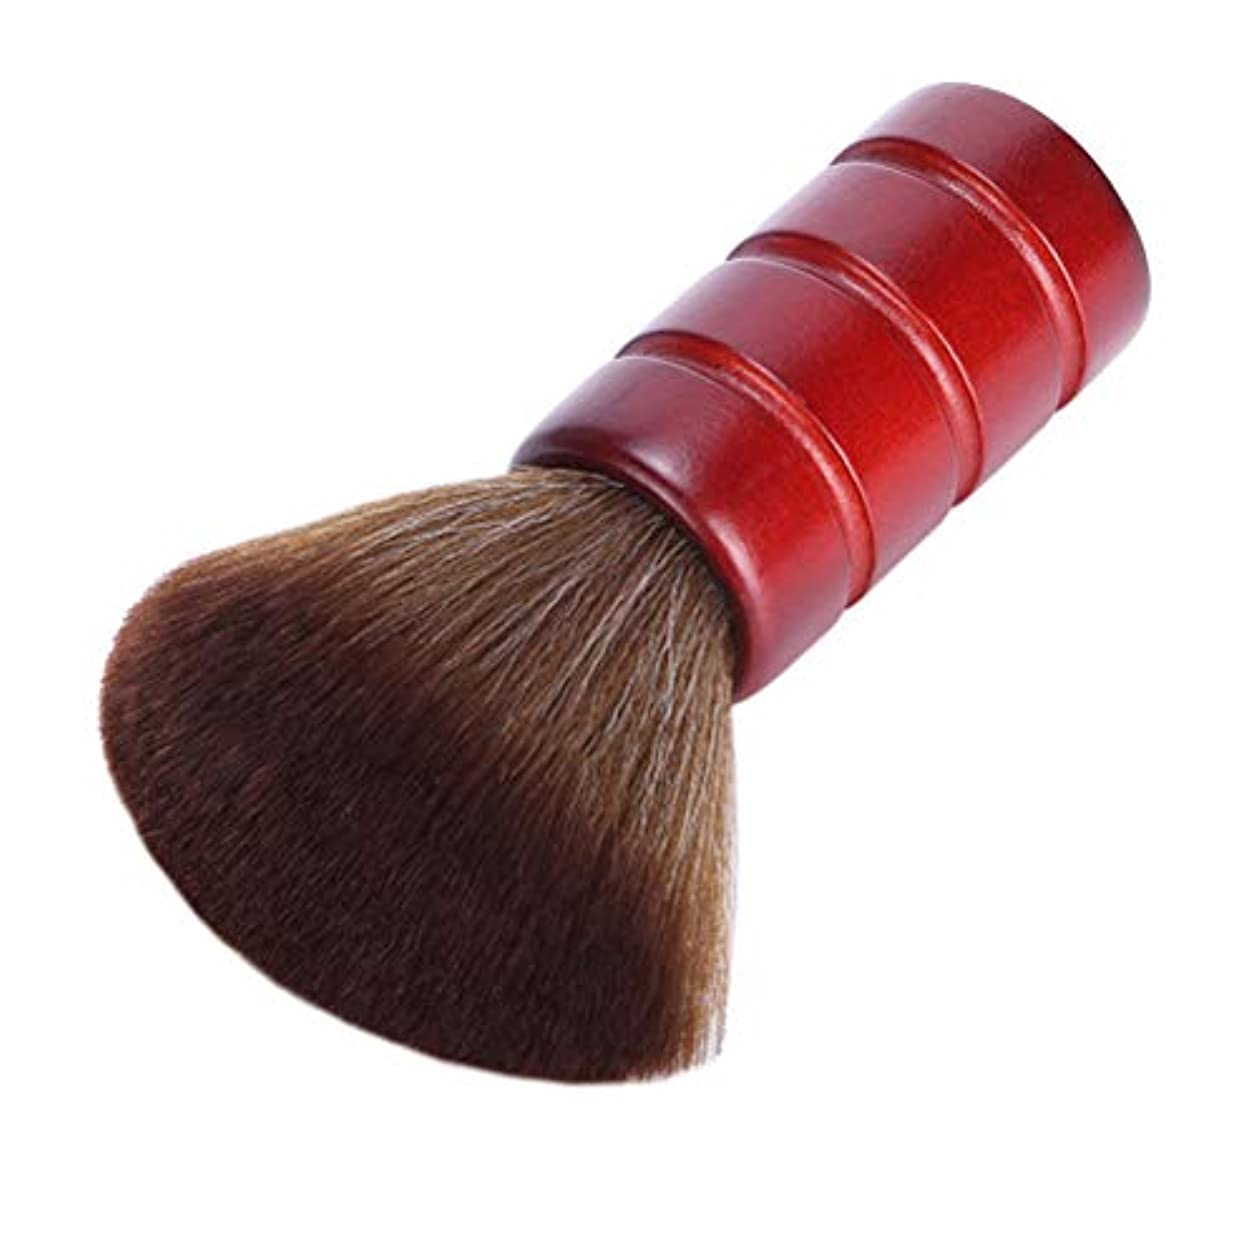 Lurroseプロフェッショナルヘアカットブラシソフトファイバーフェイスネックダスターブラシ理髪サロン理容ツール